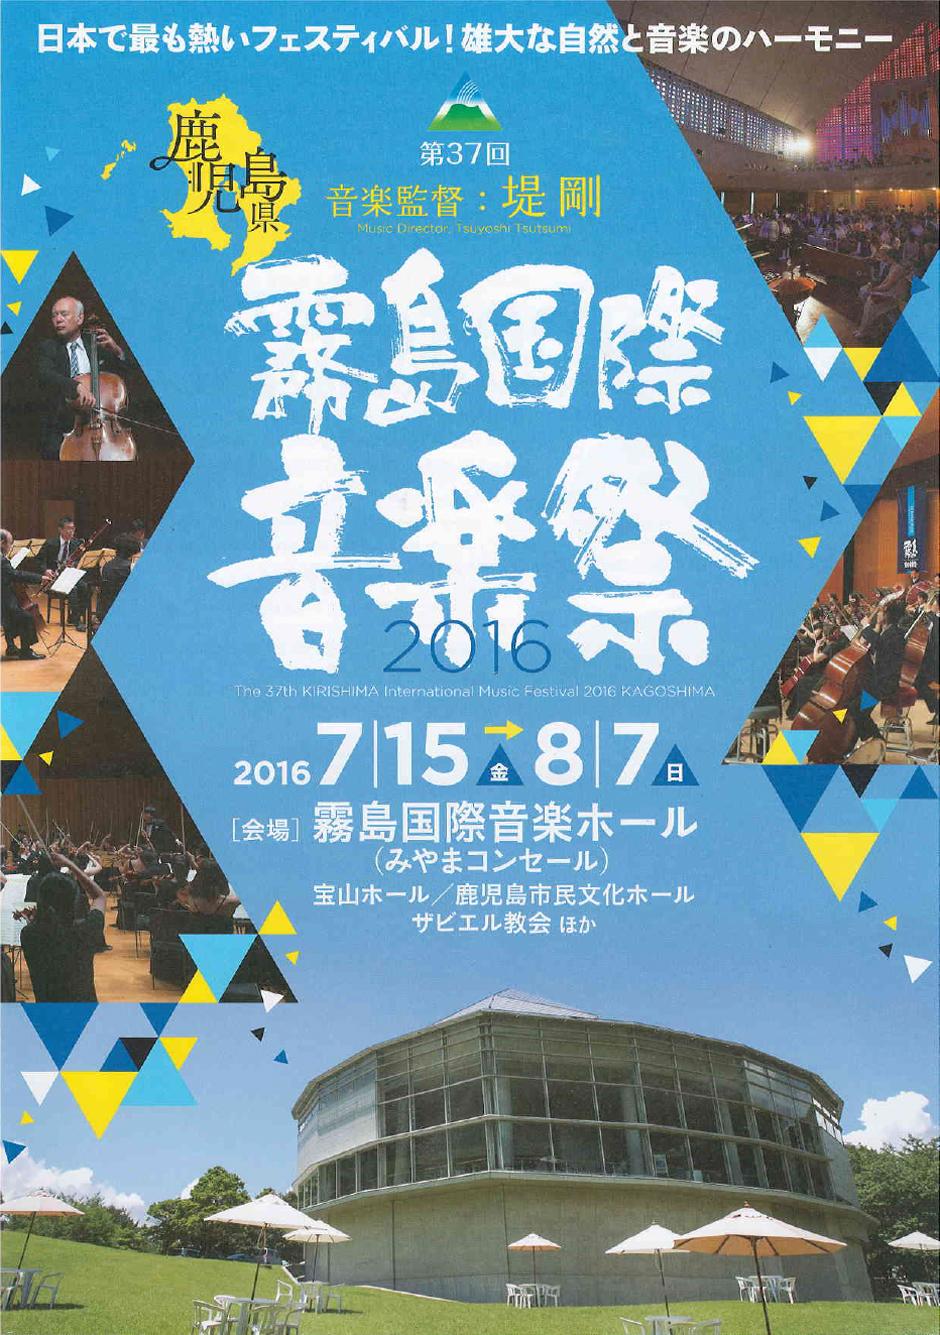 第37回霧島国際音楽祭のお知らせ